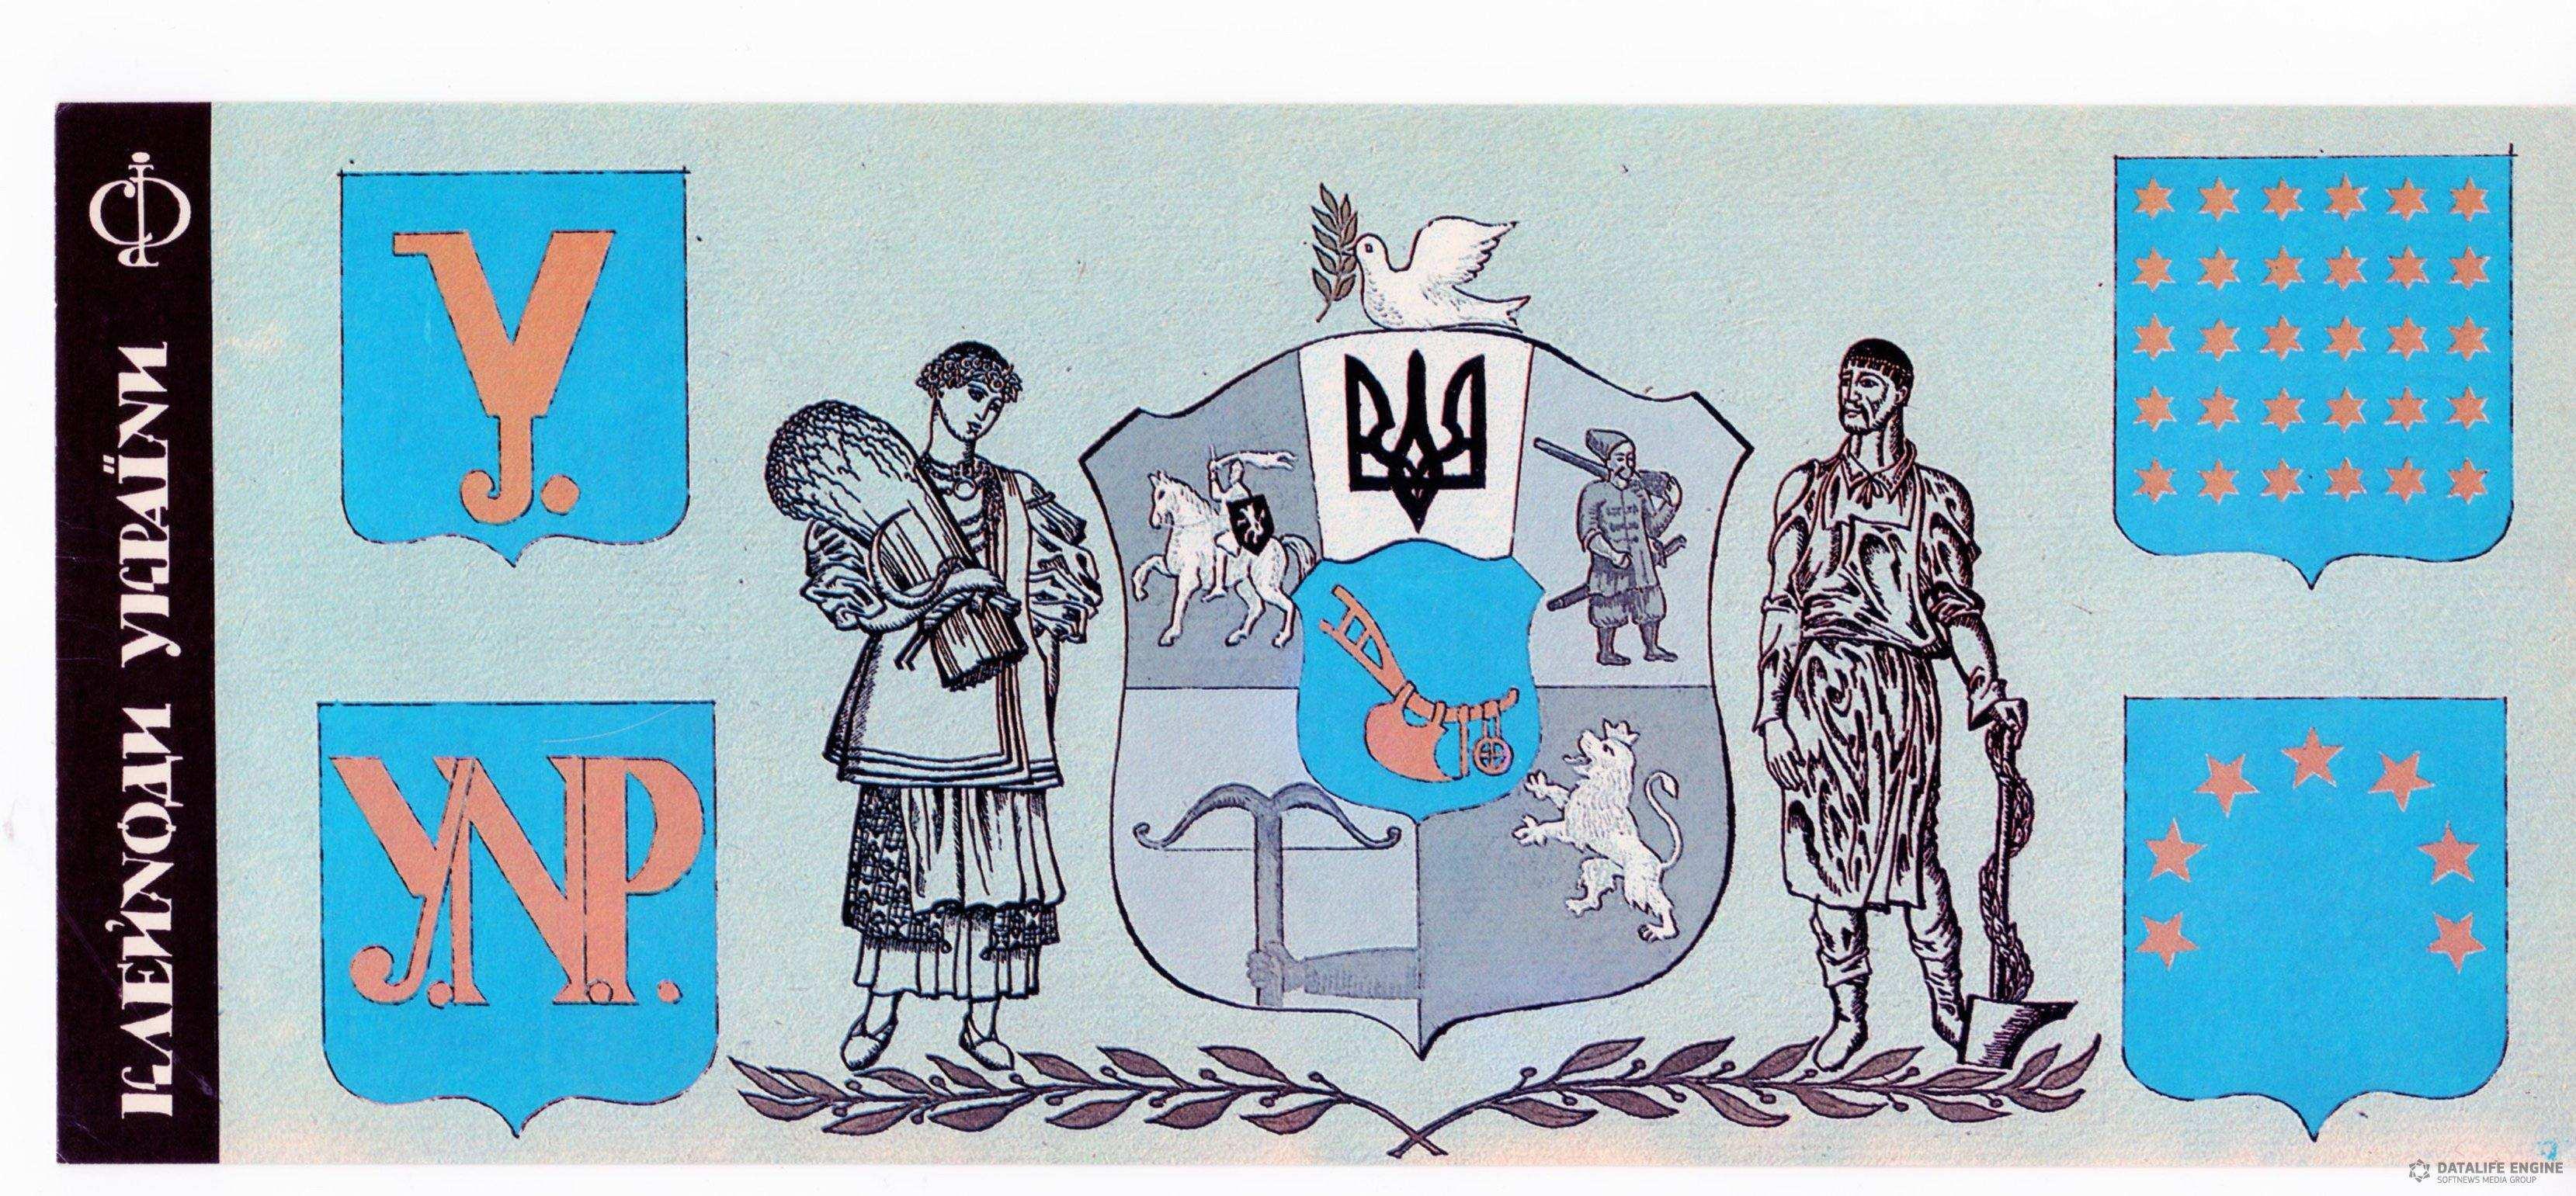 ПРОЕКТИ ДЕРЖАВНОГО ГЕРБА УКРАЇНСЬКОЇ НАРОДНОЇ РЕСПУБЛІКИ 1917 р.